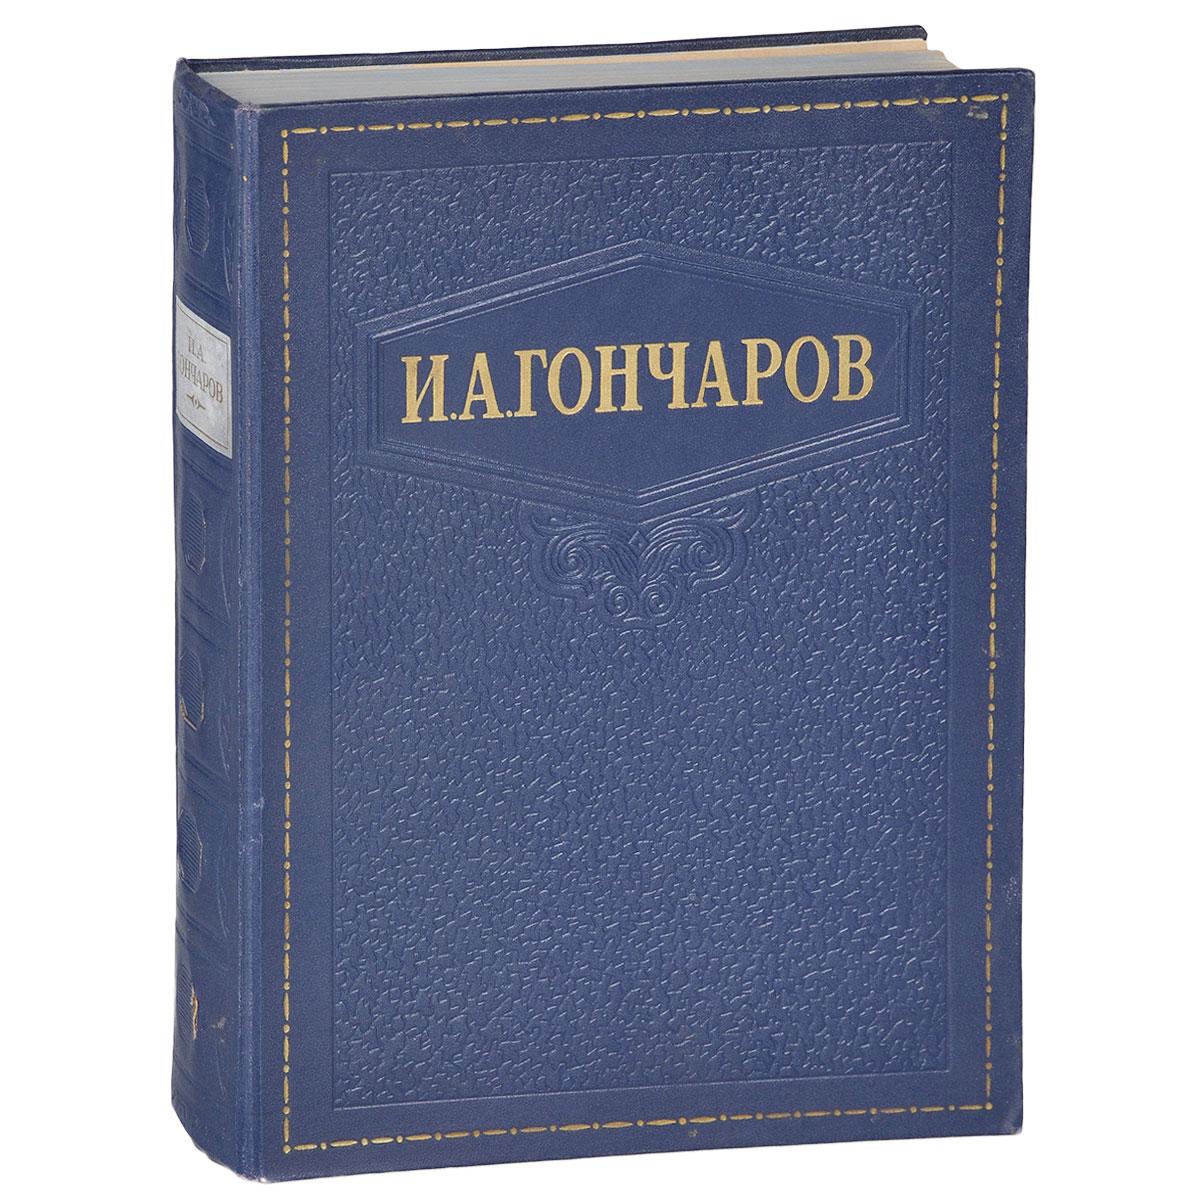 И. А. Гончаров И. А. Гончаров. Избранные сочинения